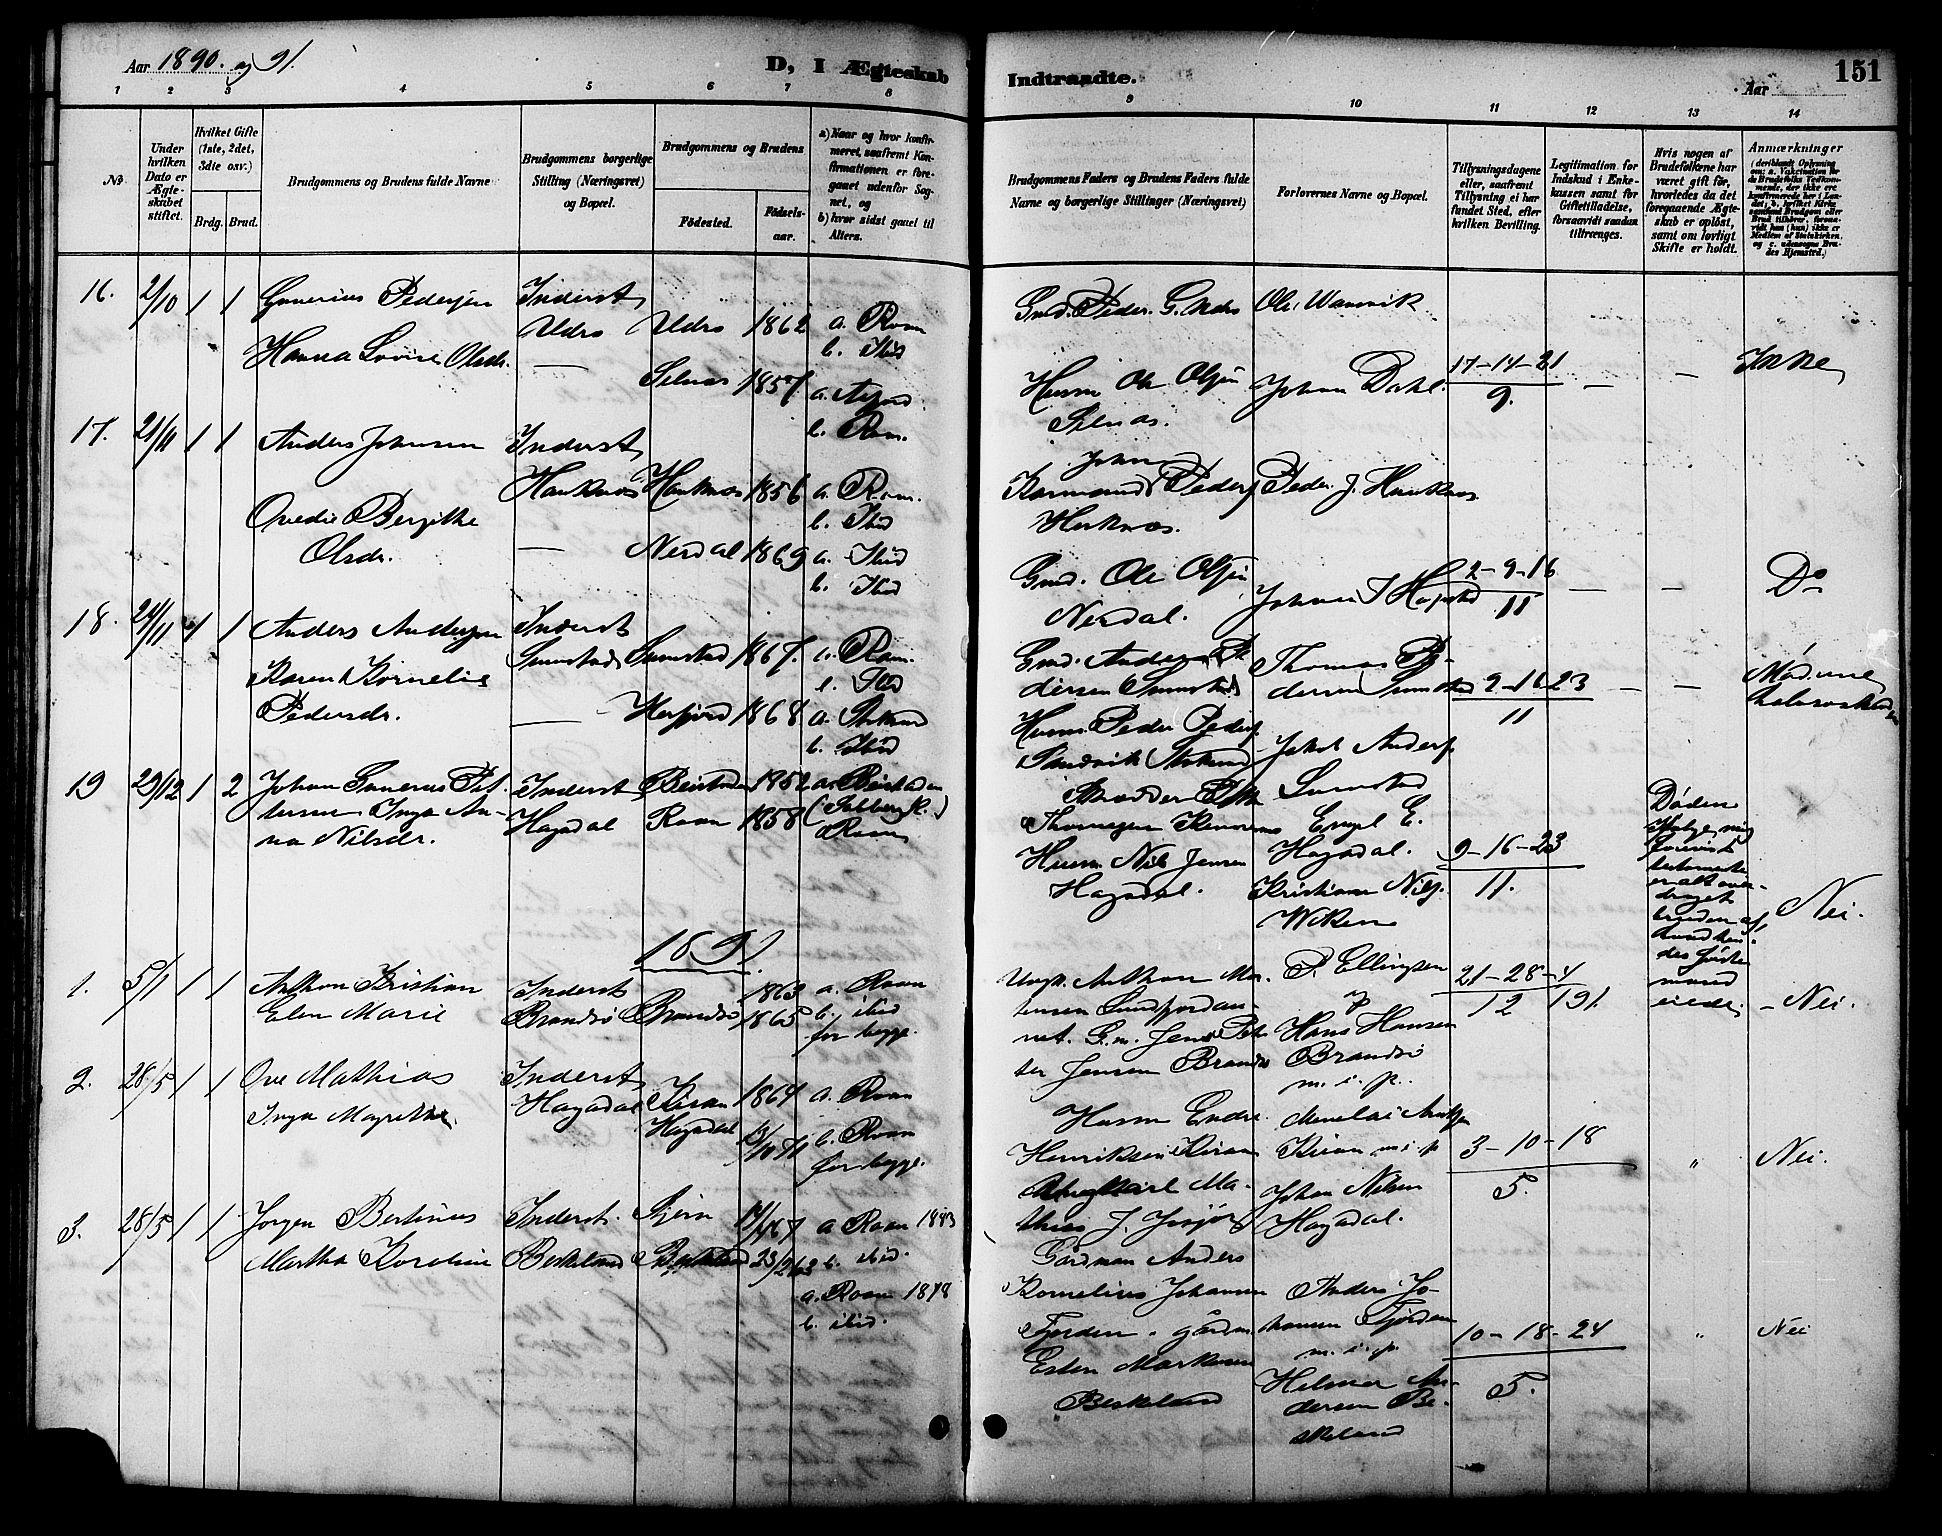 SAT, Ministerialprotokoller, klokkerbøker og fødselsregistre - Sør-Trøndelag, 657/L0716: Klokkerbok nr. 657C03, 1889-1904, s. 151